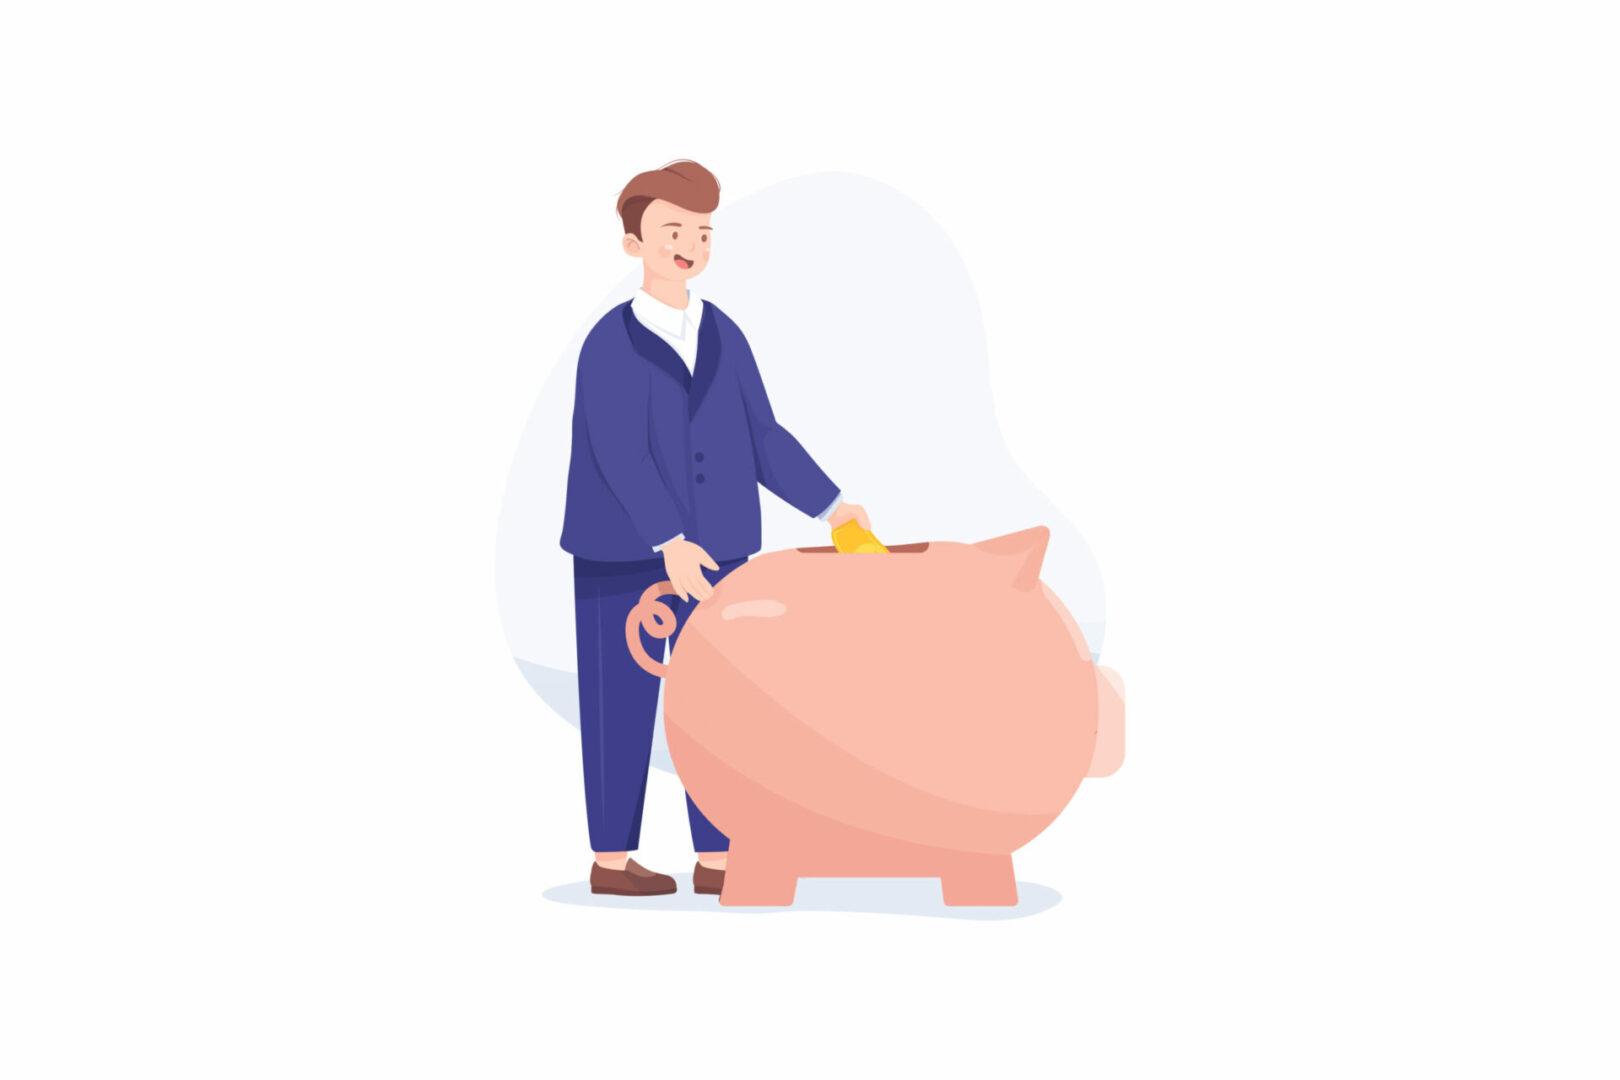 Você sabe como utilizar o FGTS para compra de imóvel? Entenda mais!